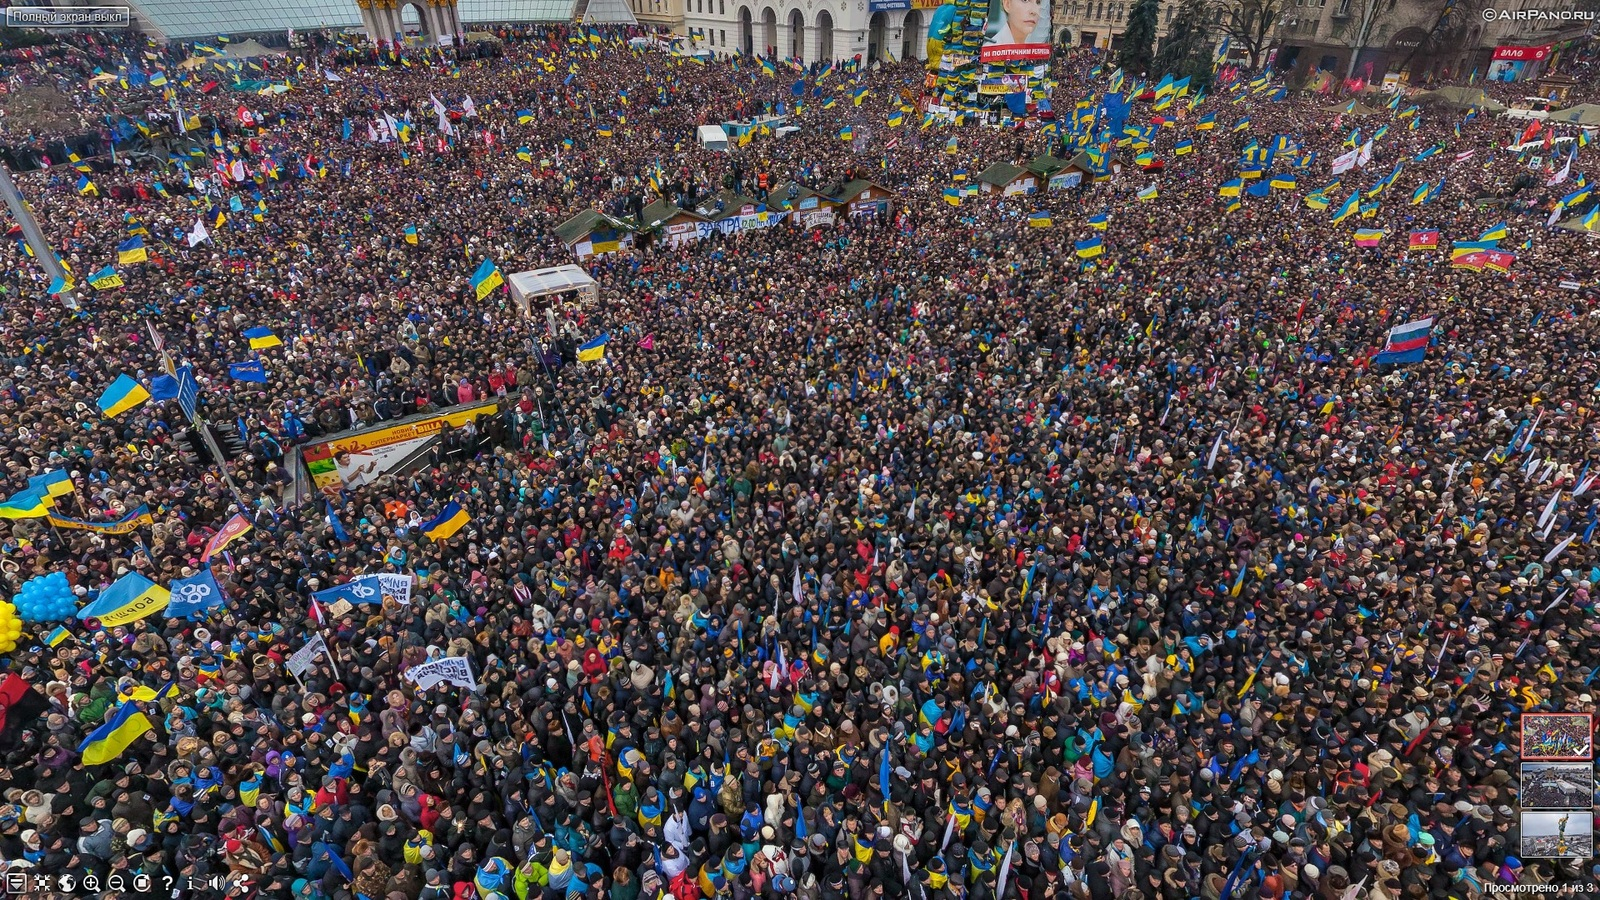 """В России наблюдается фаза """"неуверенности в завтрашнем дне"""", люди перестают терпеть и начинают требовать, - глава ВЦИОМ - Цензор.НЕТ 8567"""